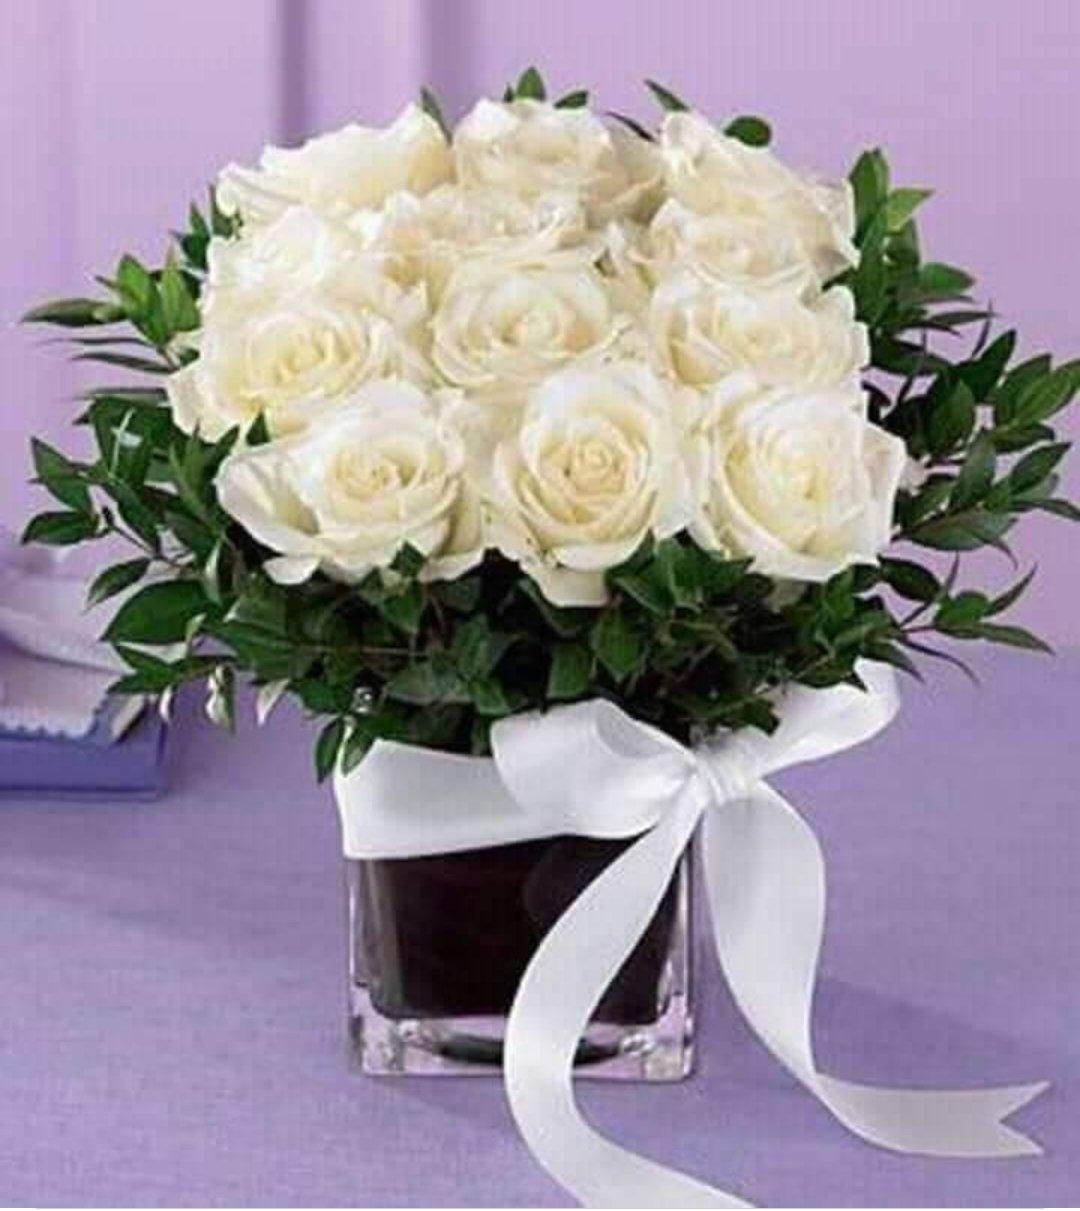 Открытки с днем рождения белые розы, блестяшки поздравлениями картинки